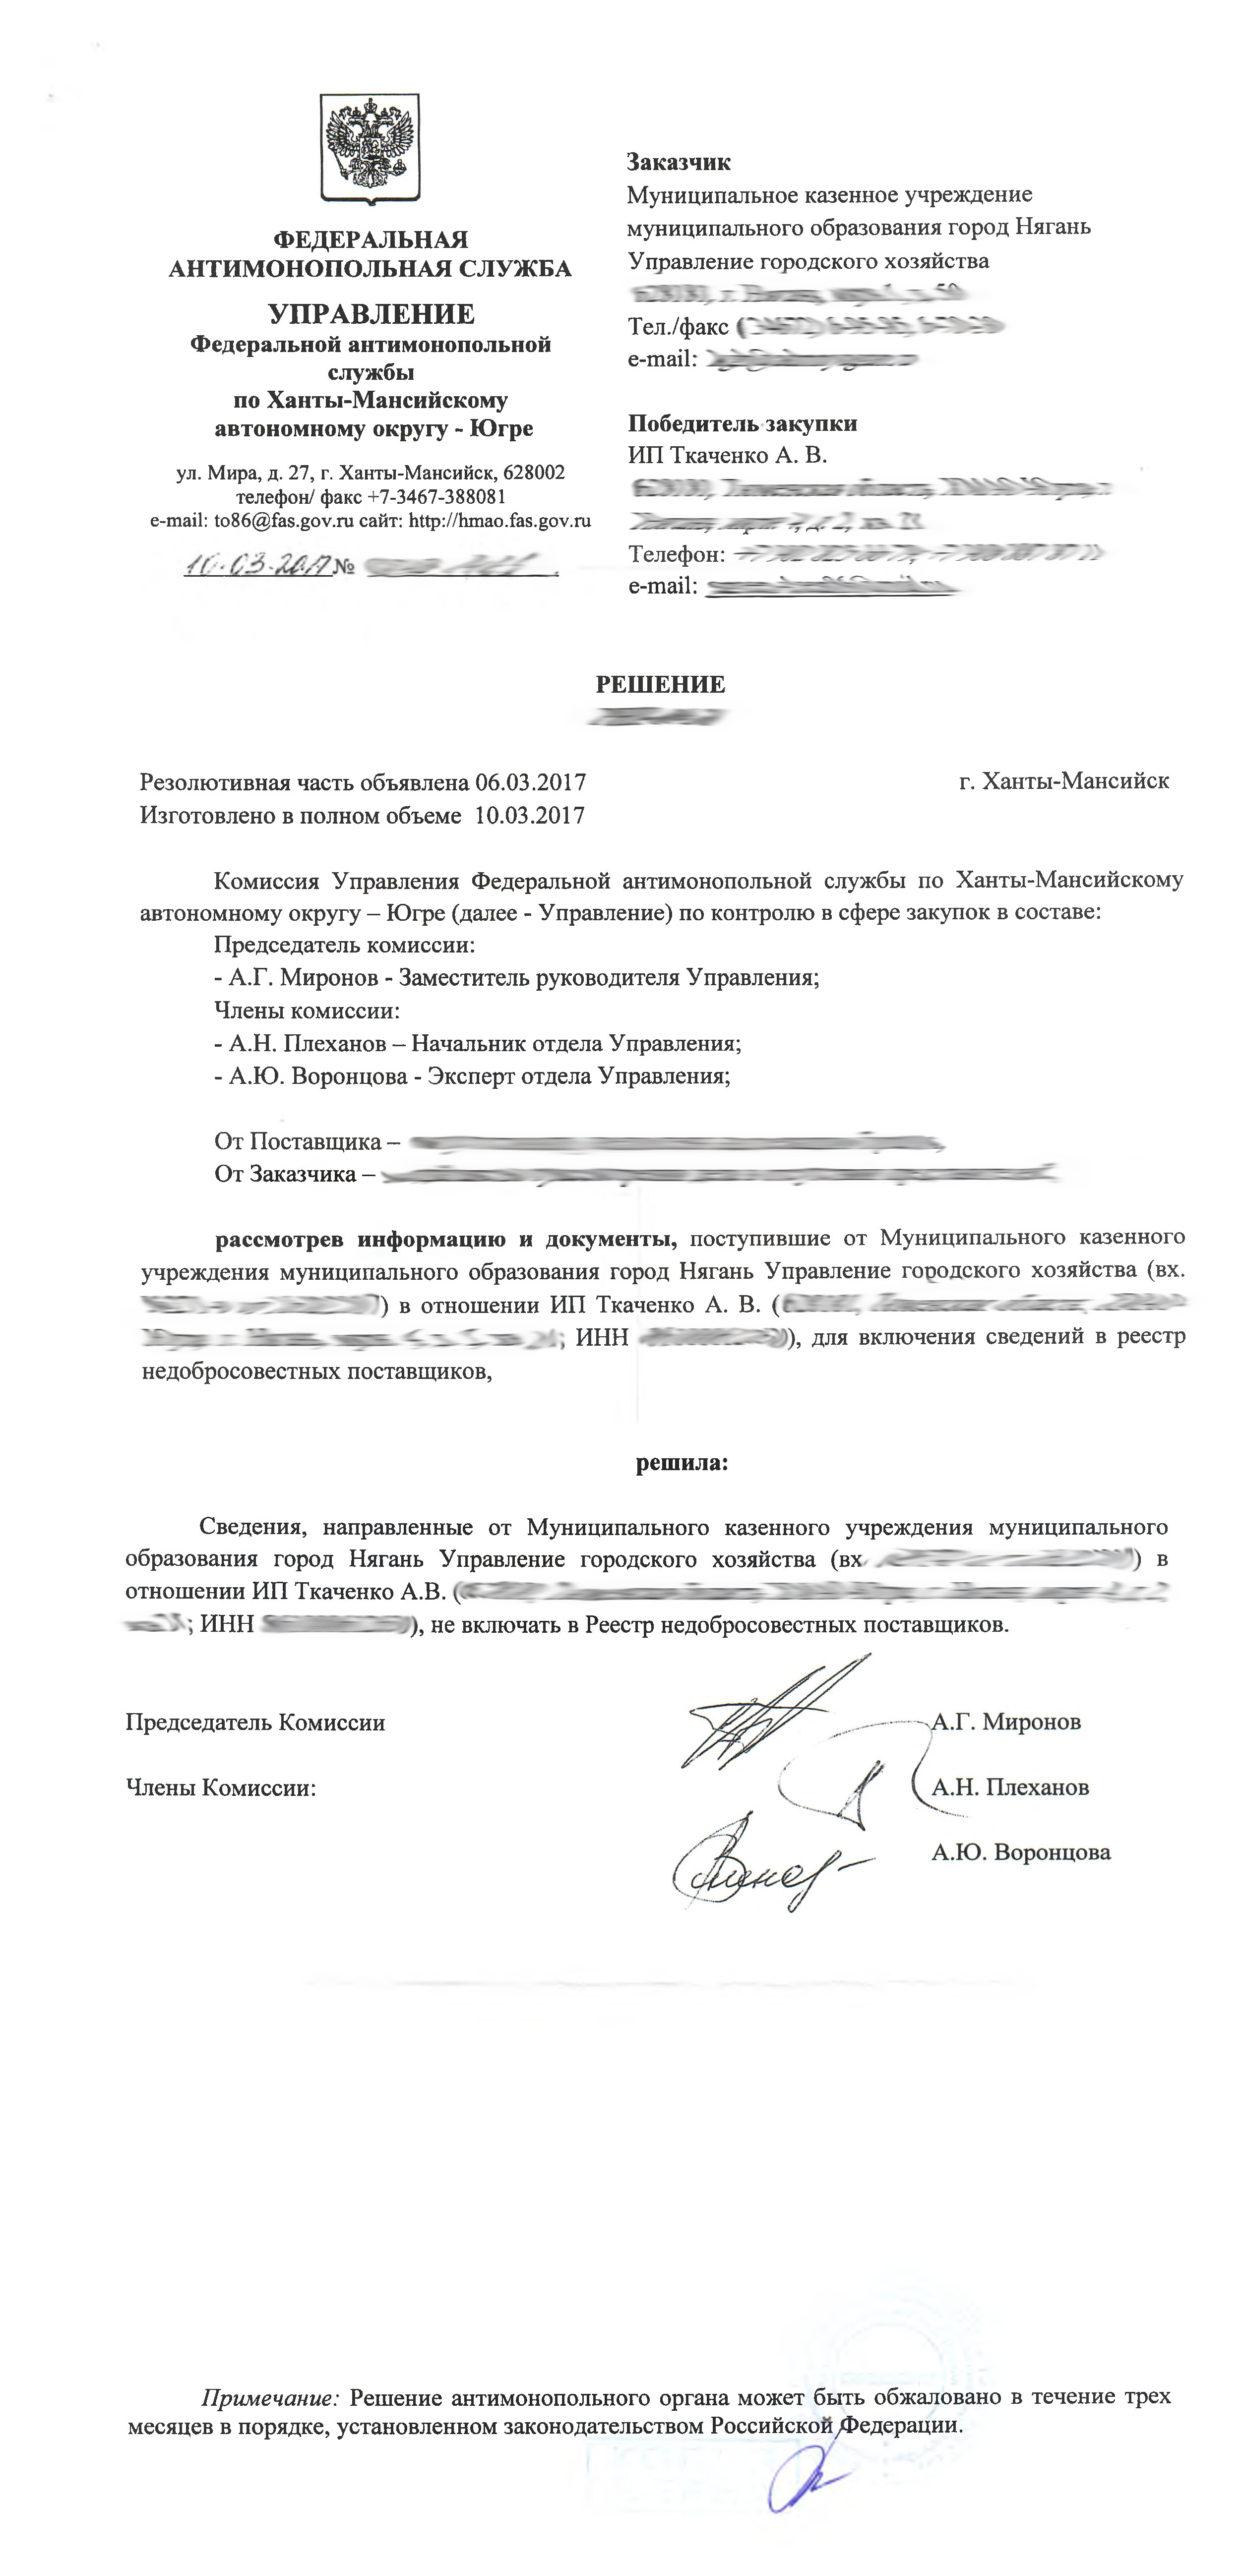 УФАС по Ханты-Мансийскому автономному округу- Югре Ткаченко решение